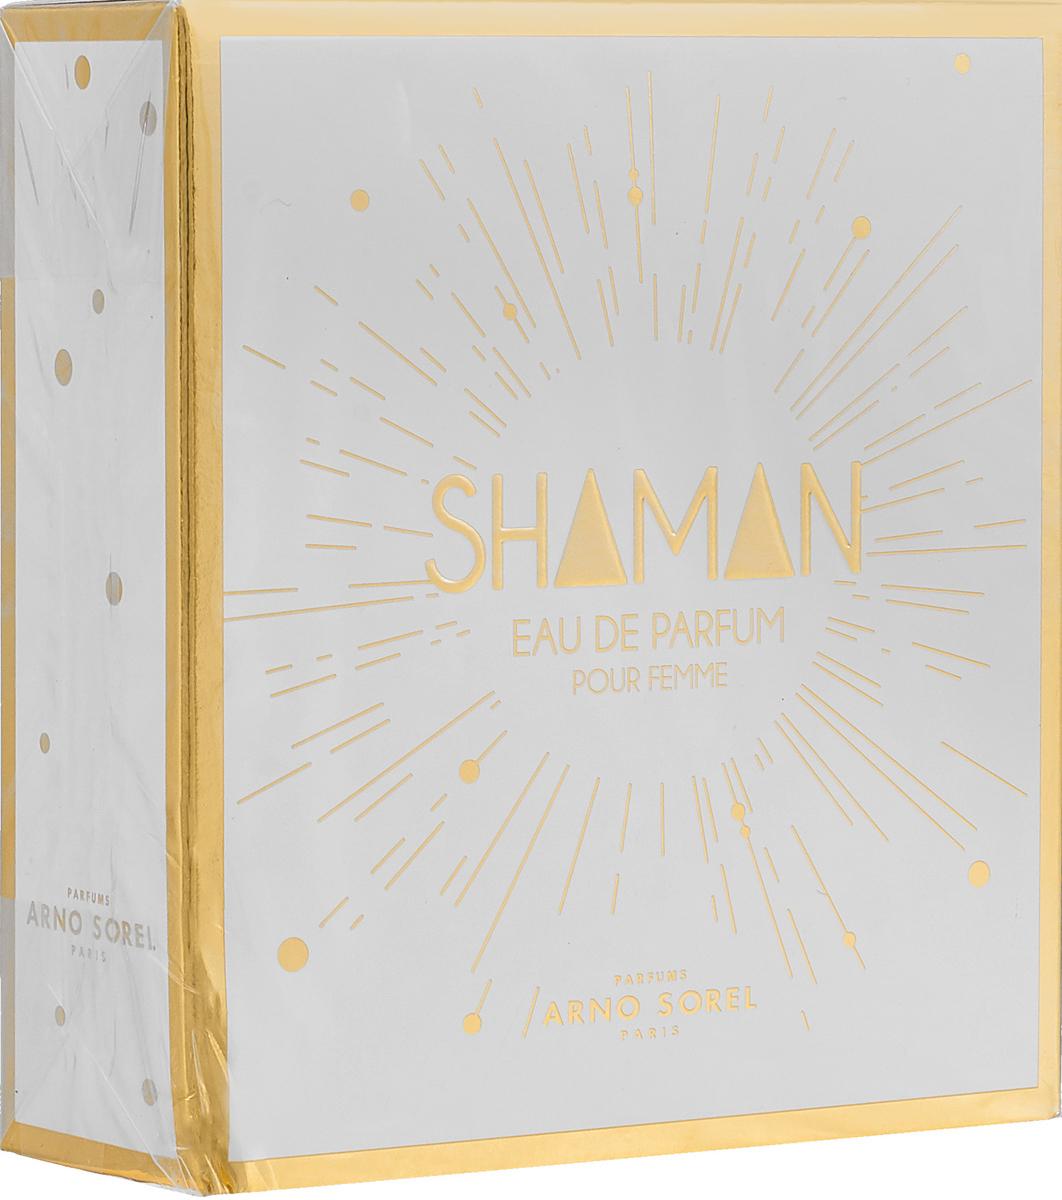 Corania Туалетная вода Sham'n, 100 мл42420Ароматы бренда Arno Sorel изготавливаются на фабрике Parfumerie Corania, созданной в Марселе в далеком 1934году. Изначально основатели компании поставили перед собой задачу сделать французскую парфюмериюдоступной каждому. Продукция Arno Sorel создается в соответствии со стандартами высокого качества и сиспользованием сырья высшей пробы. Shaman - сладкий, ненавязчивый аромат от французского бренда Arno Sorel.Дополните свой образ качественной, стойкой туалетной водой с приятным цветочно-древесным звучанием!Классификация аромата: цветочный, древесный. Пирамида аромата: Верхние ноты: цитрусы, апельсин, мандарин, бергамот. Ноты сердца: черная смородина, роза, жасмин, иланг-иланг, персик, тубероза. Ноты шлейфа: сандаловое дерево, ветивер, белый кедр, мускус, ваниль, амбра. Ключевые слова: манящий, сладкий, стойкий. Уважаемые клиенты!Обращаем ваше внимание на возможные изменения в дизайне упаковки. Качественные характеристики товараостаются неизменными. Поставка осуществляется в зависимости от наличия на складе.